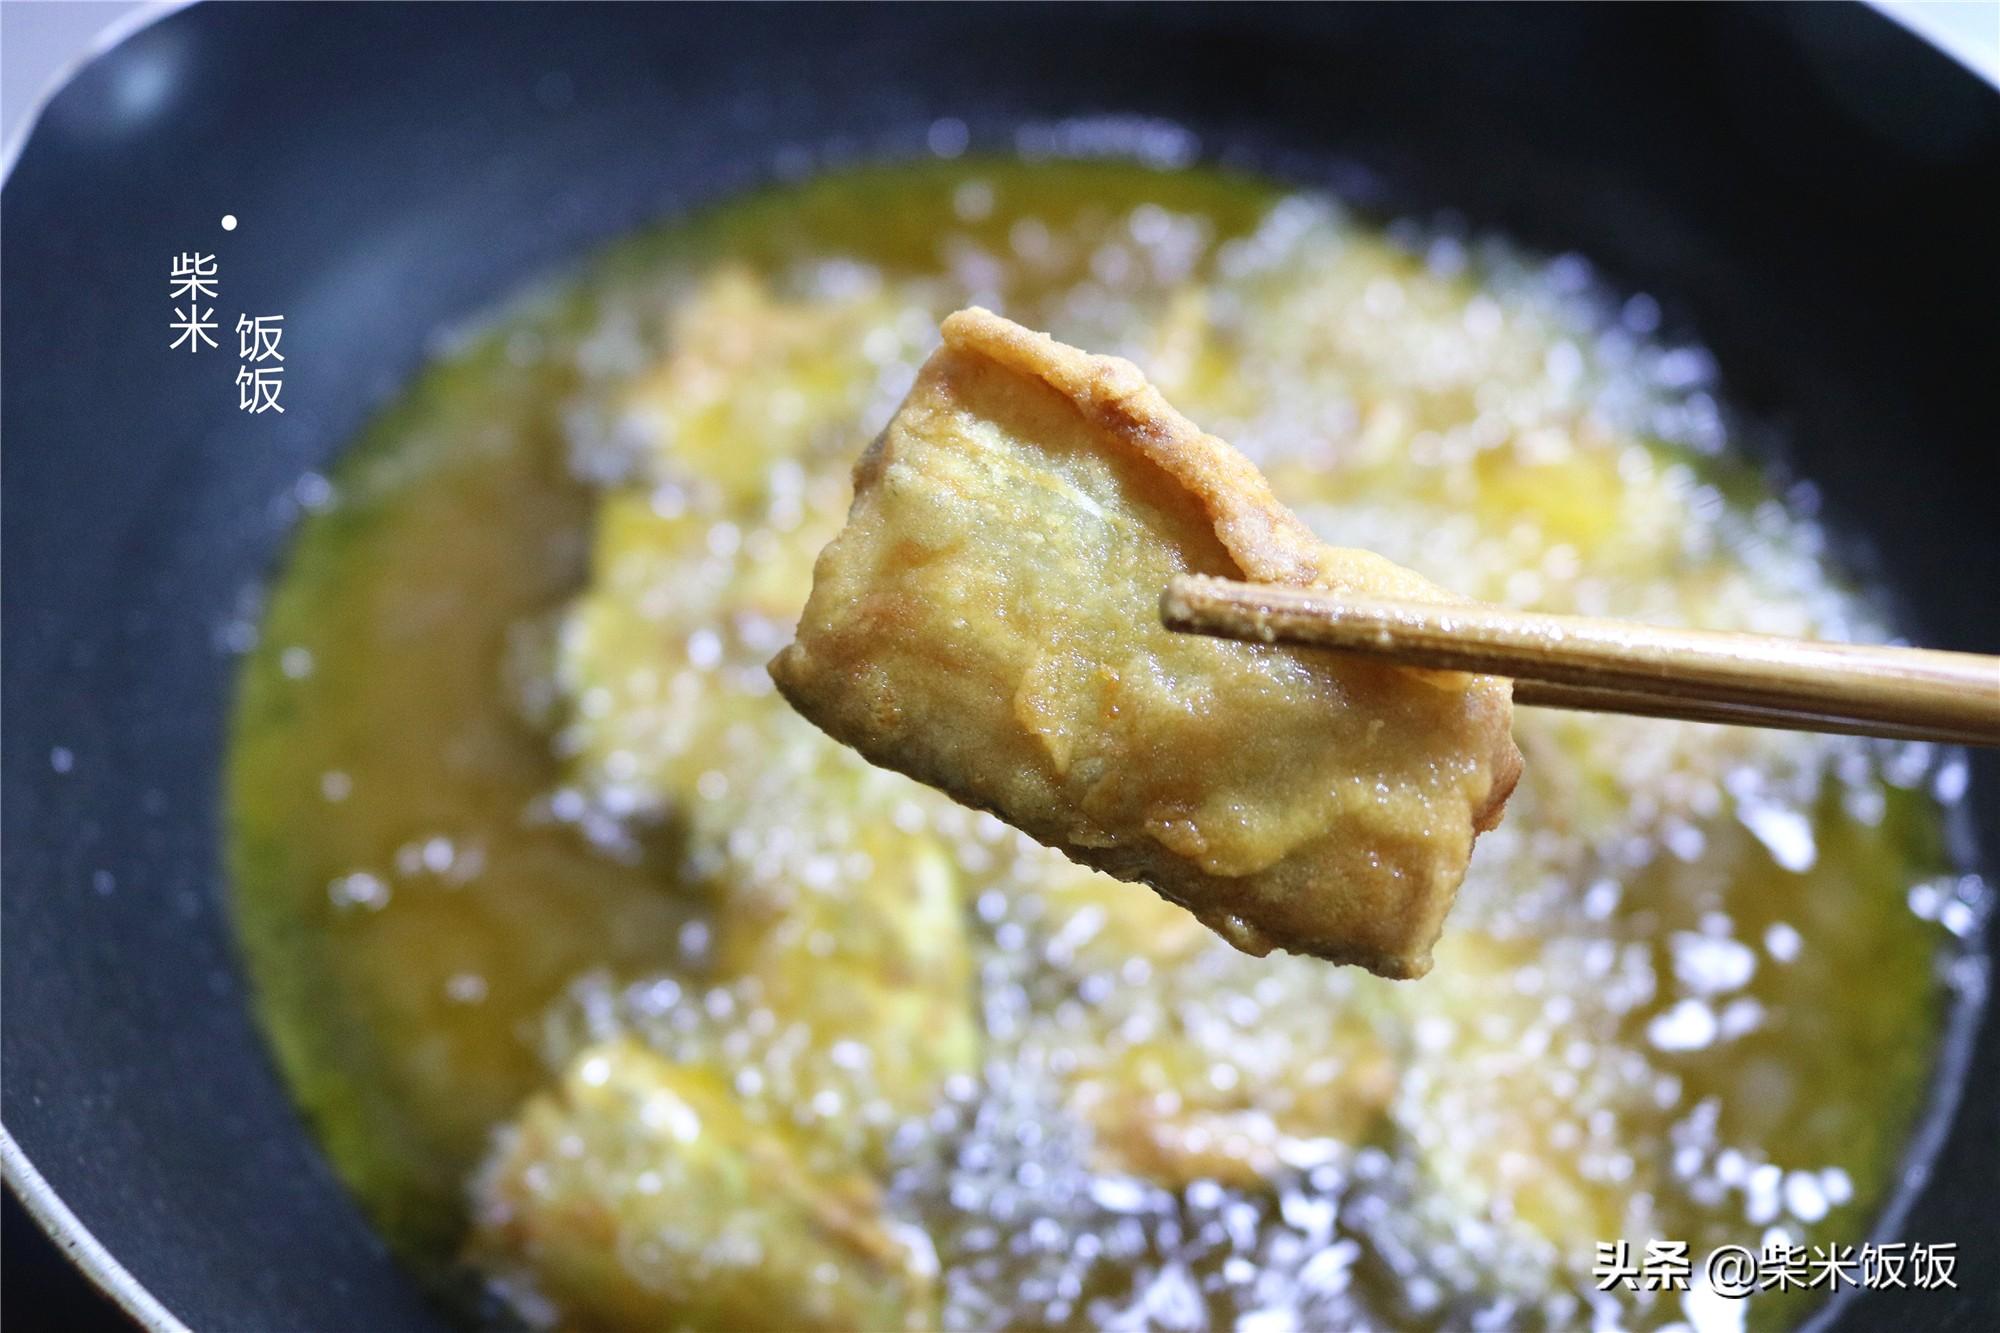 乾炸帶魚家常做法,只需簡單調味料,香酥鮮嫩,好吃無腥味